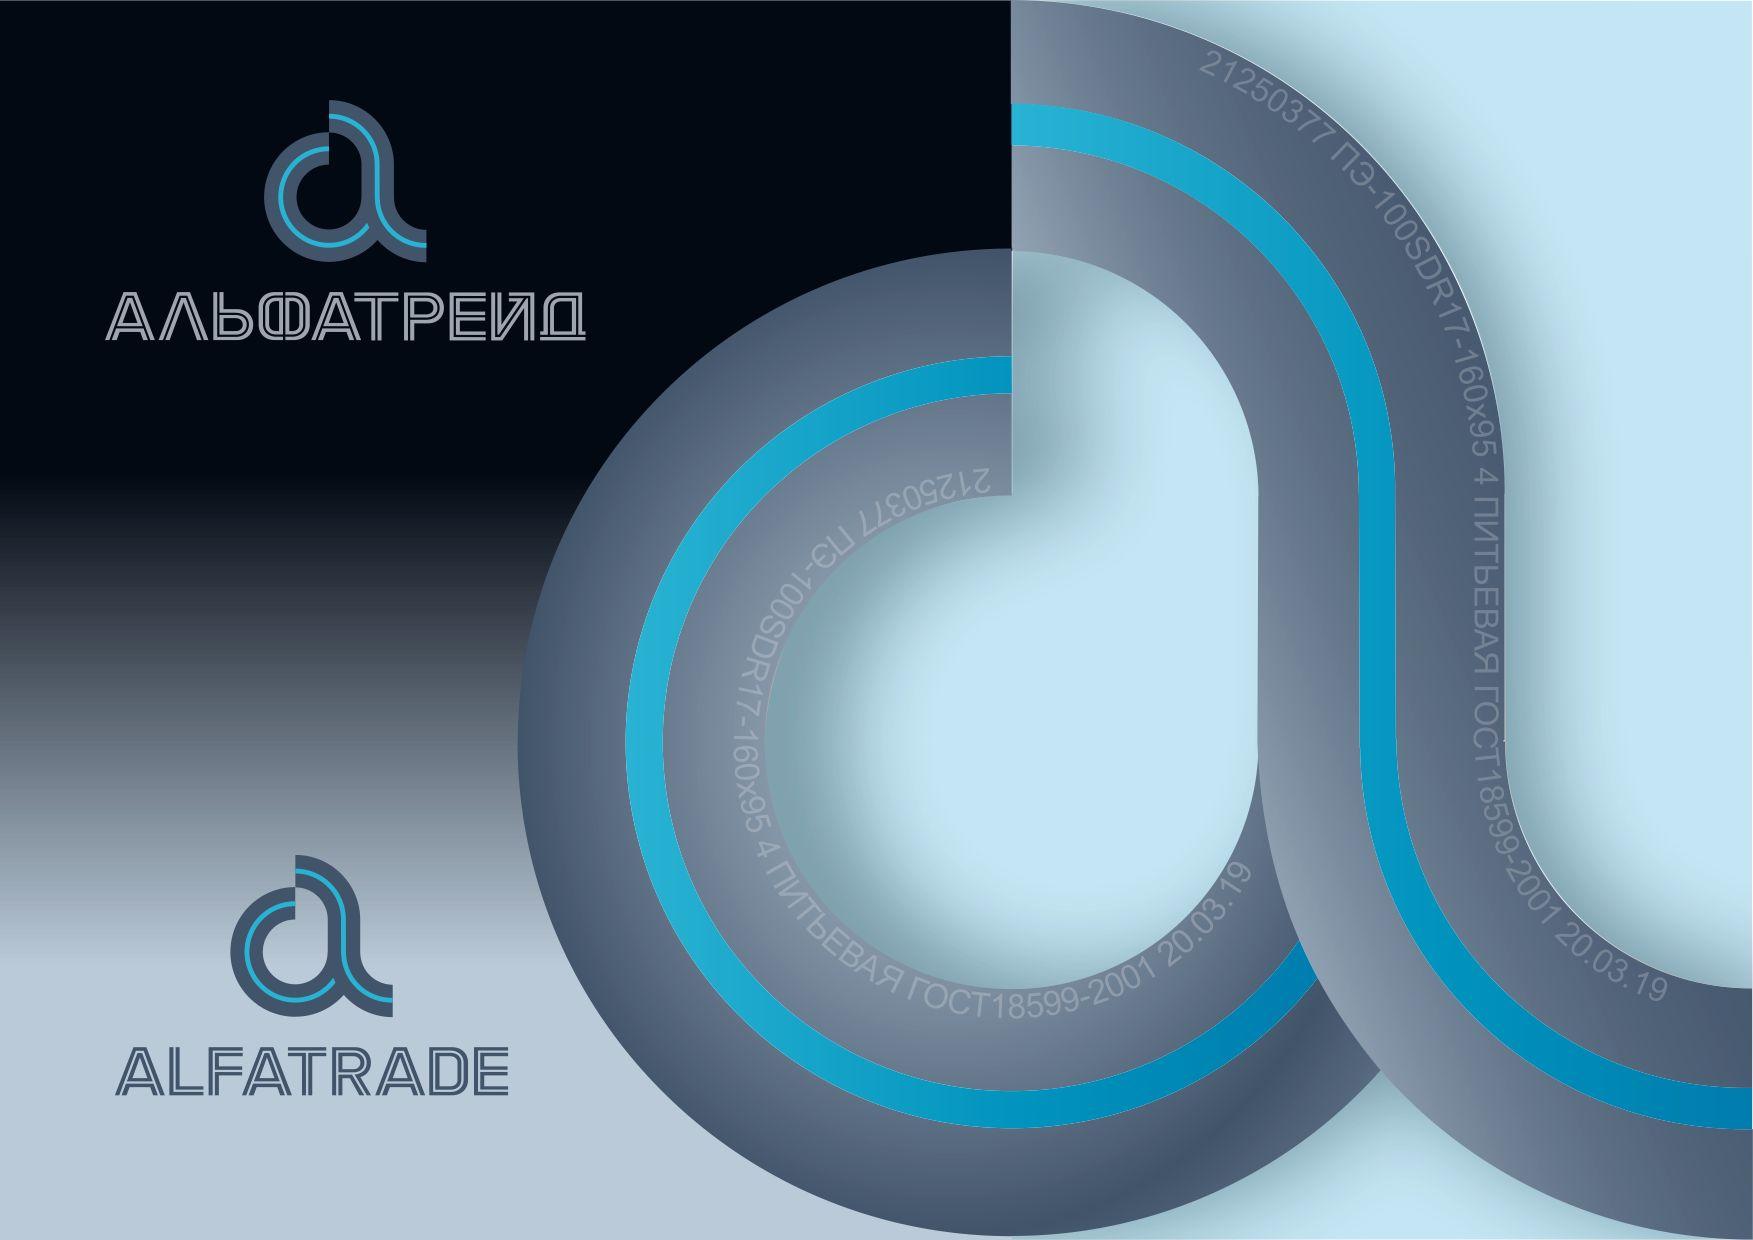 Логотип для АльфаТрейд - дизайнер VictorAnri